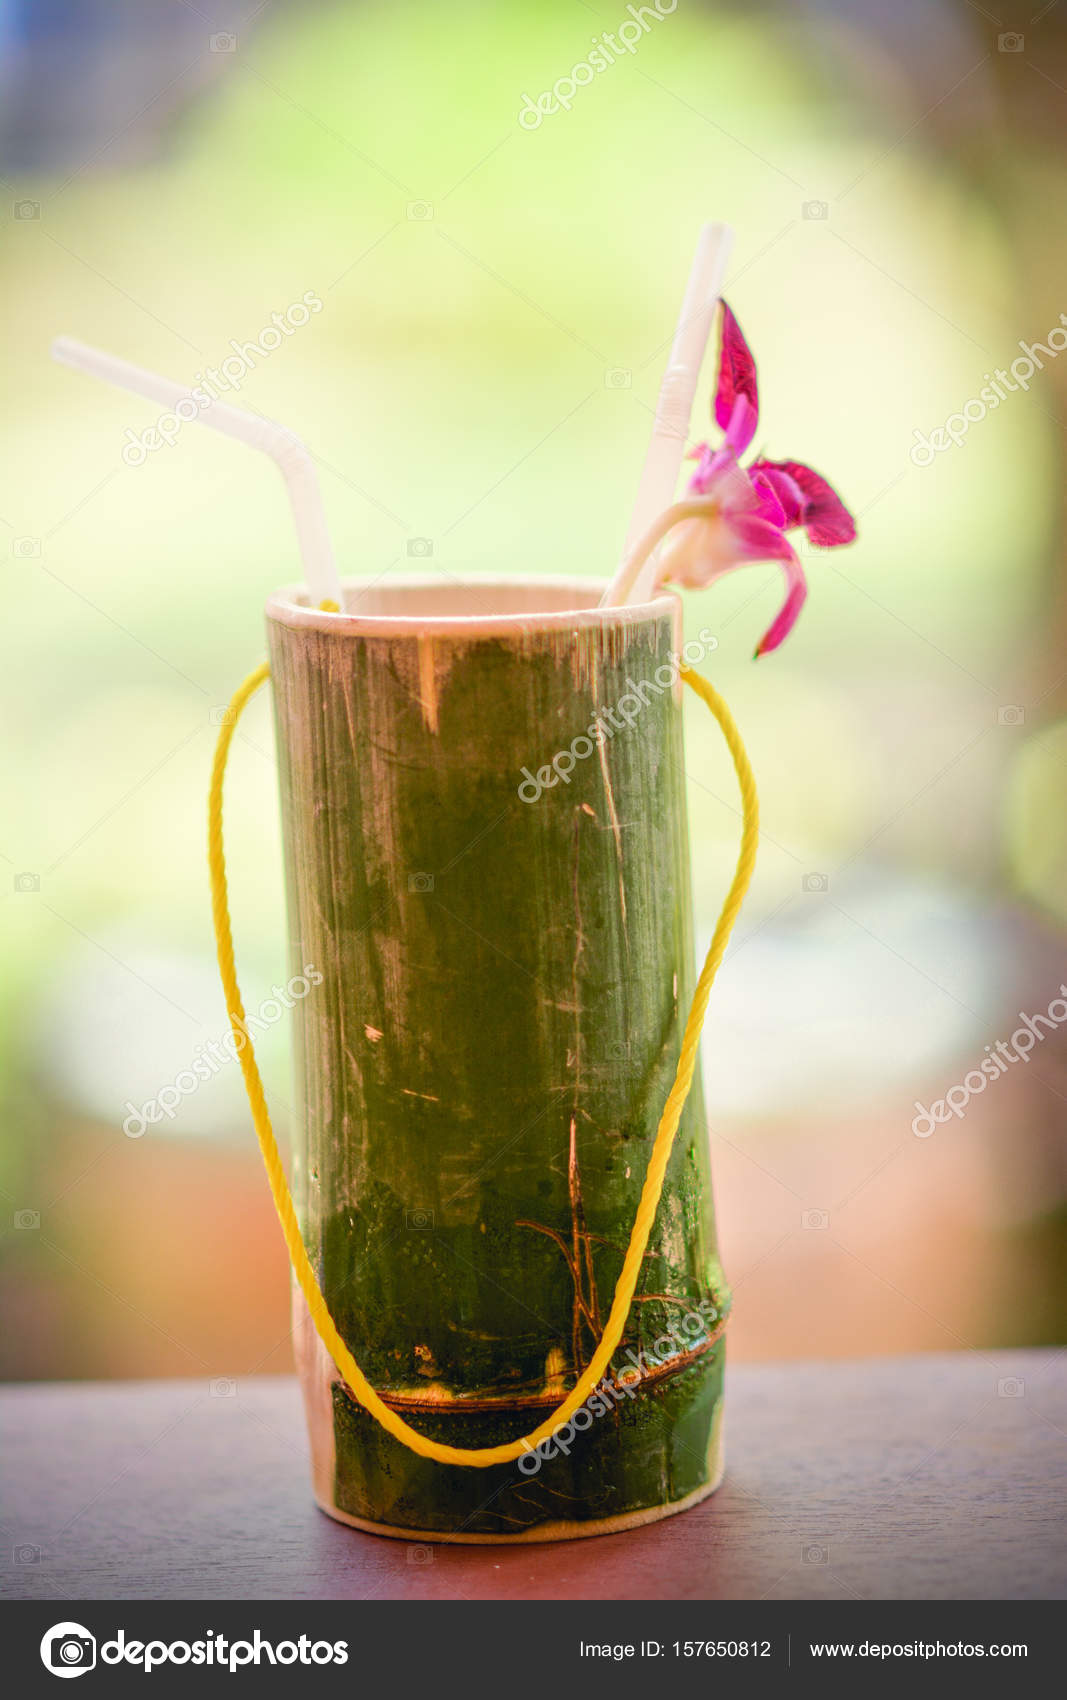 Trinken Von Kaltem Wasser Essen Blume Orchidee Bambus Stockfoto